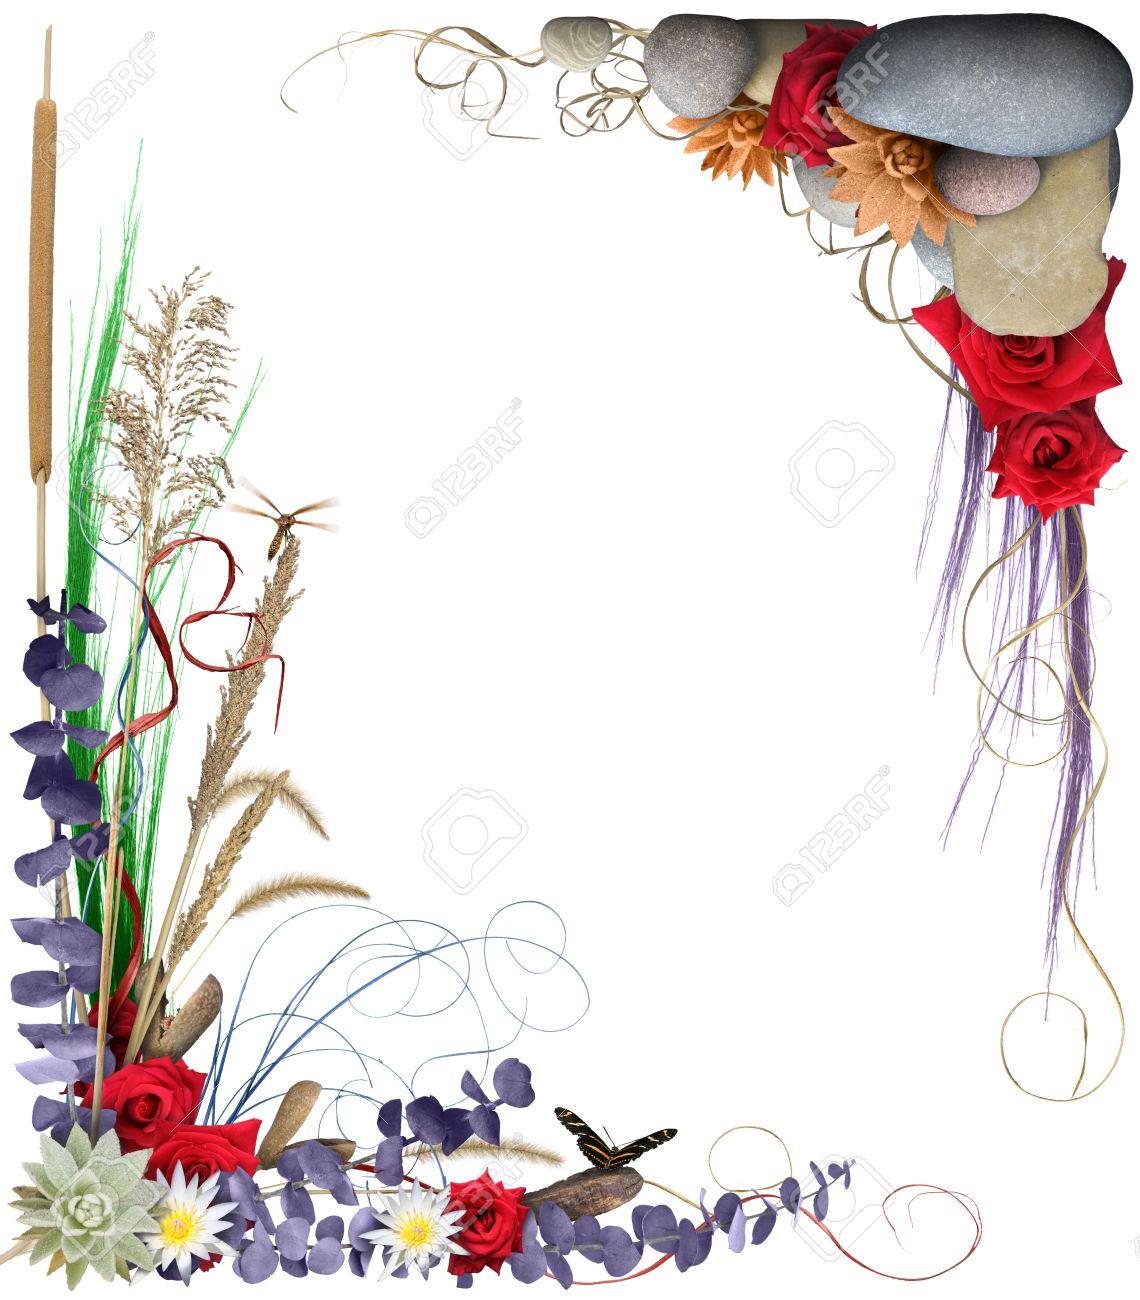 Un Colorido Arreglo Floral Formando Un Marco De Frontera Aislado En ...